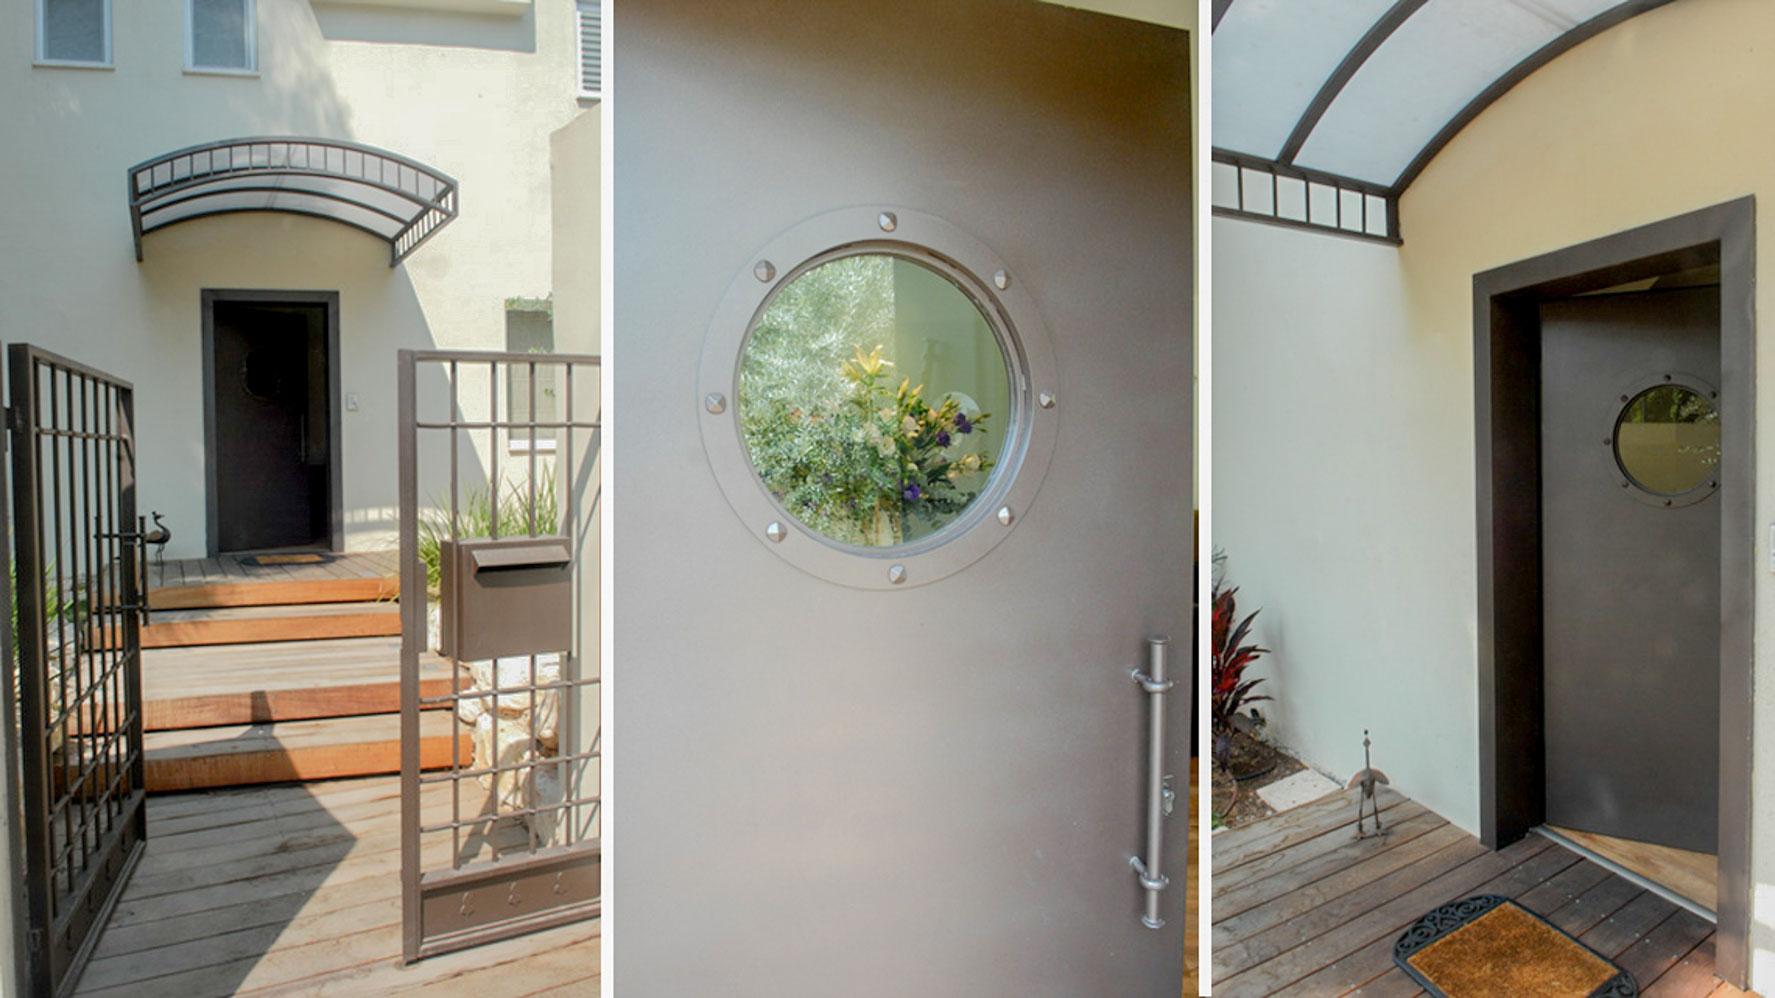 עיצוב אקלקטי לווילה בת חמישה חדרים ברמת חן